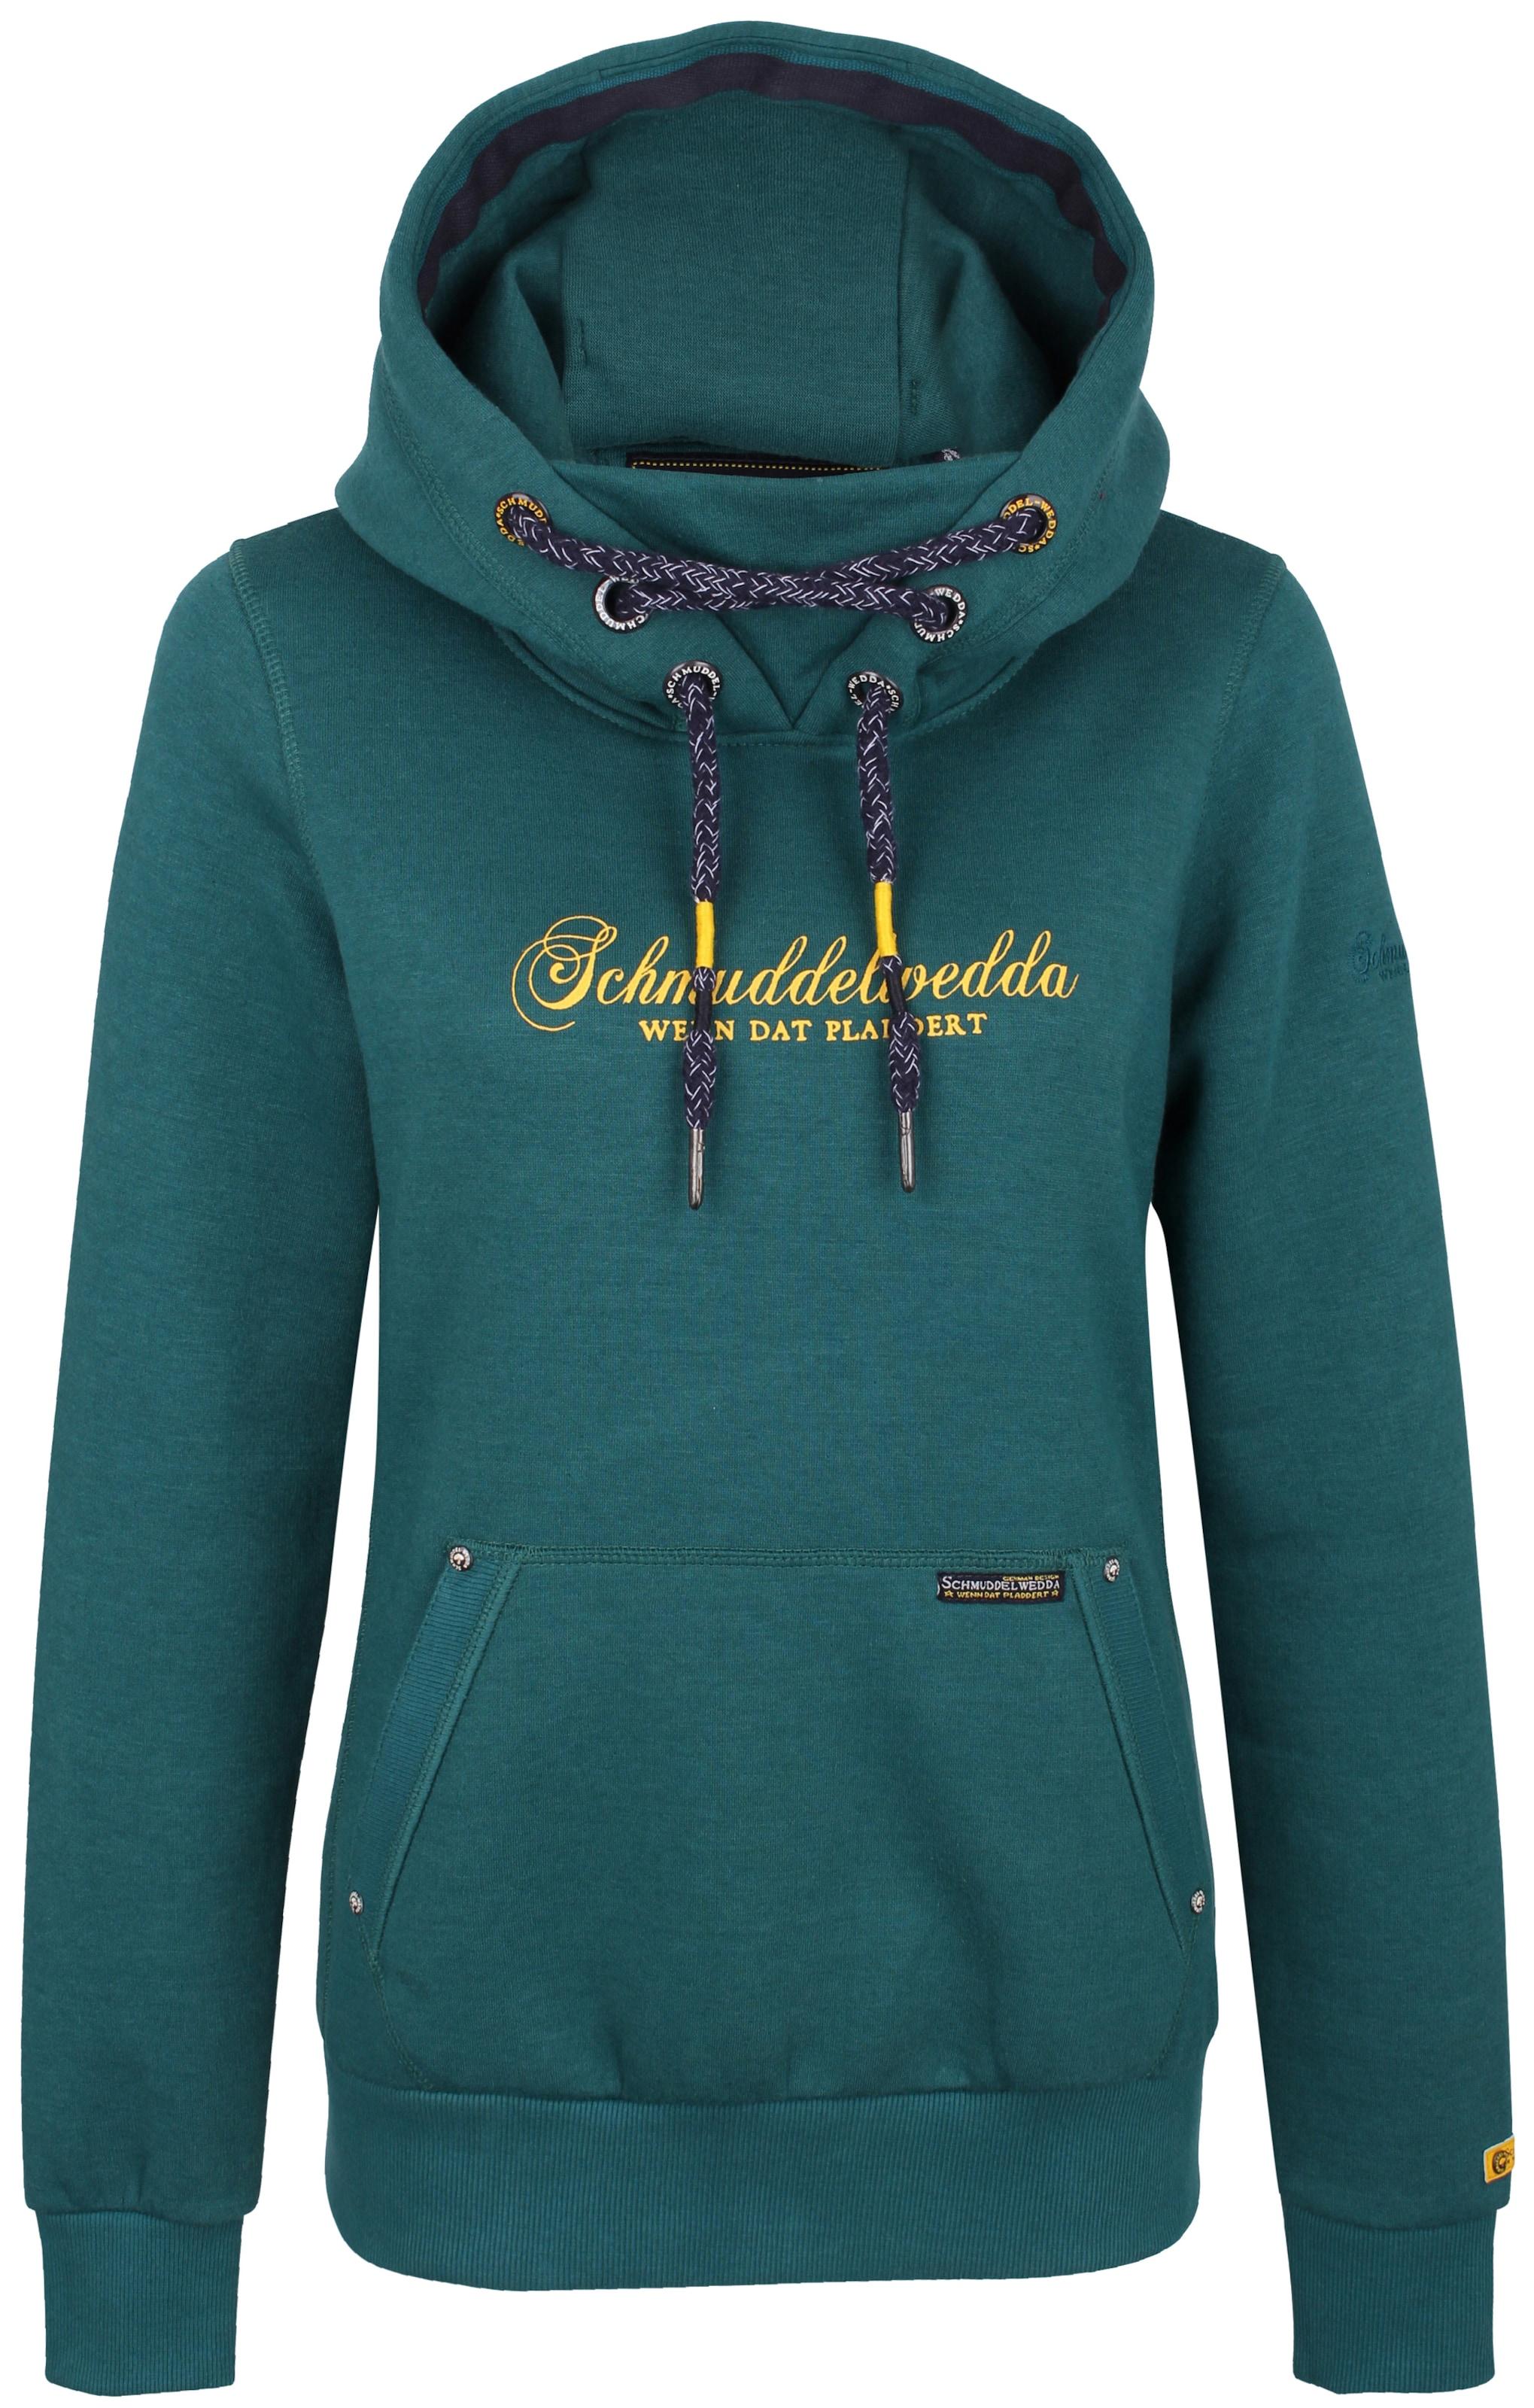 Erhalten Verkauf Online Kaufen Freies Verschiffen Große Diskont Schmuddelwedda Hoodie Online-Shopping Günstigen Preis MsbV8